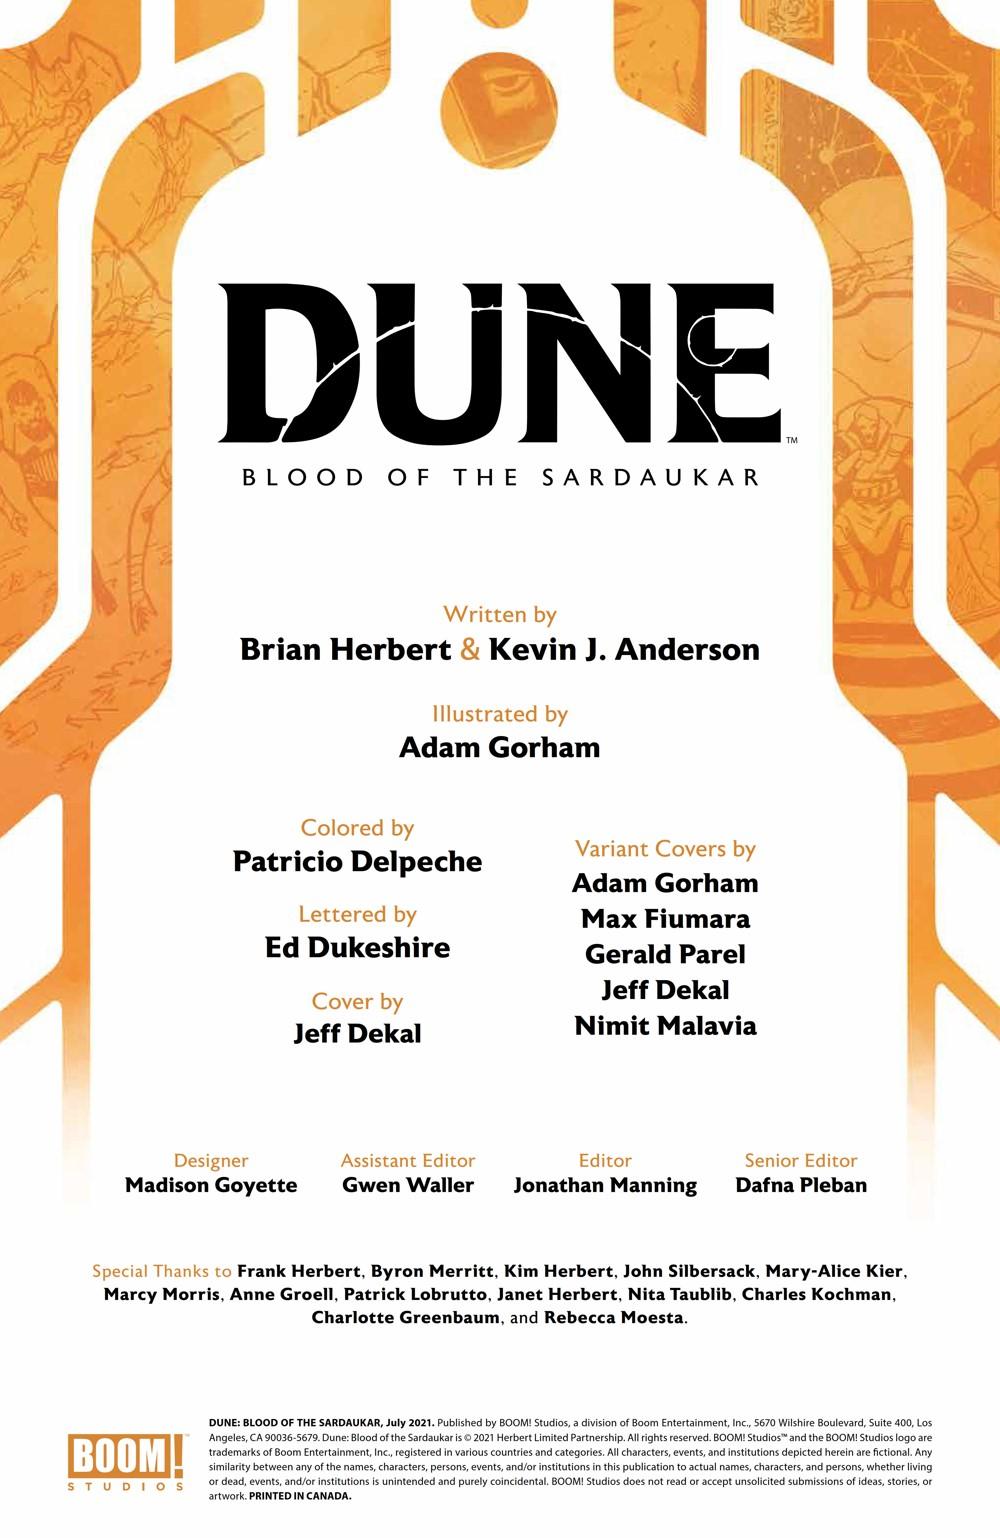 Dune_BloodSardaukar_001_PRESS_2 ComicList Previews: DUNE BLOOD OF THE SARDAUKAR #1